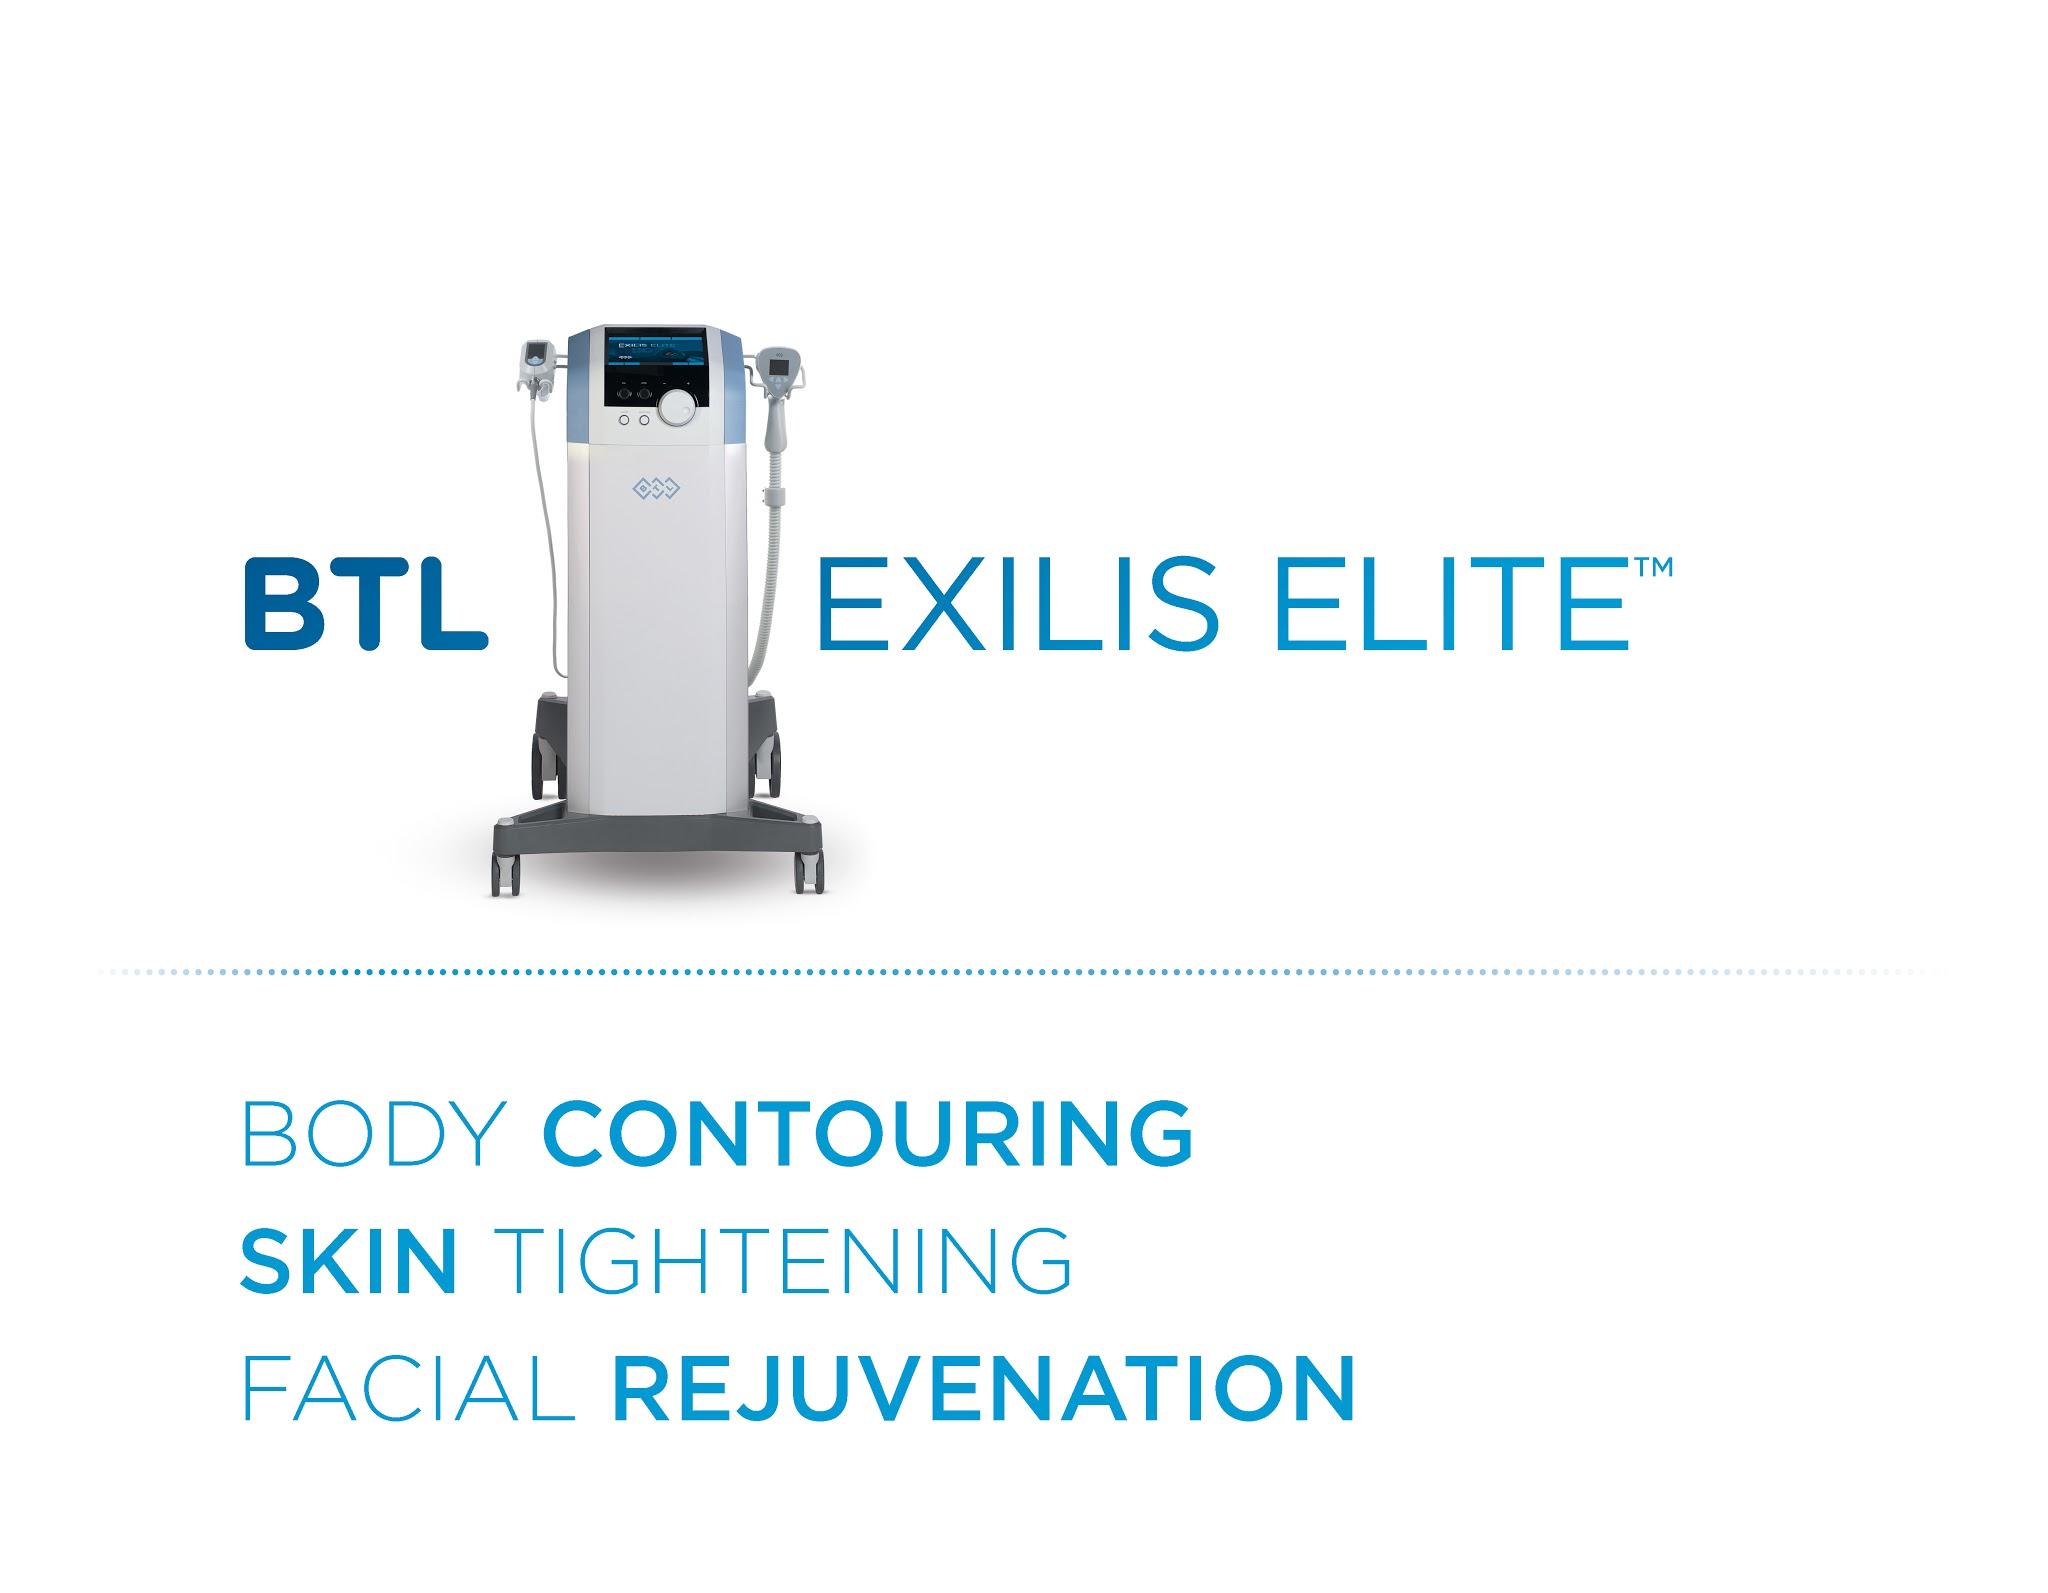 What is BTL Exilis